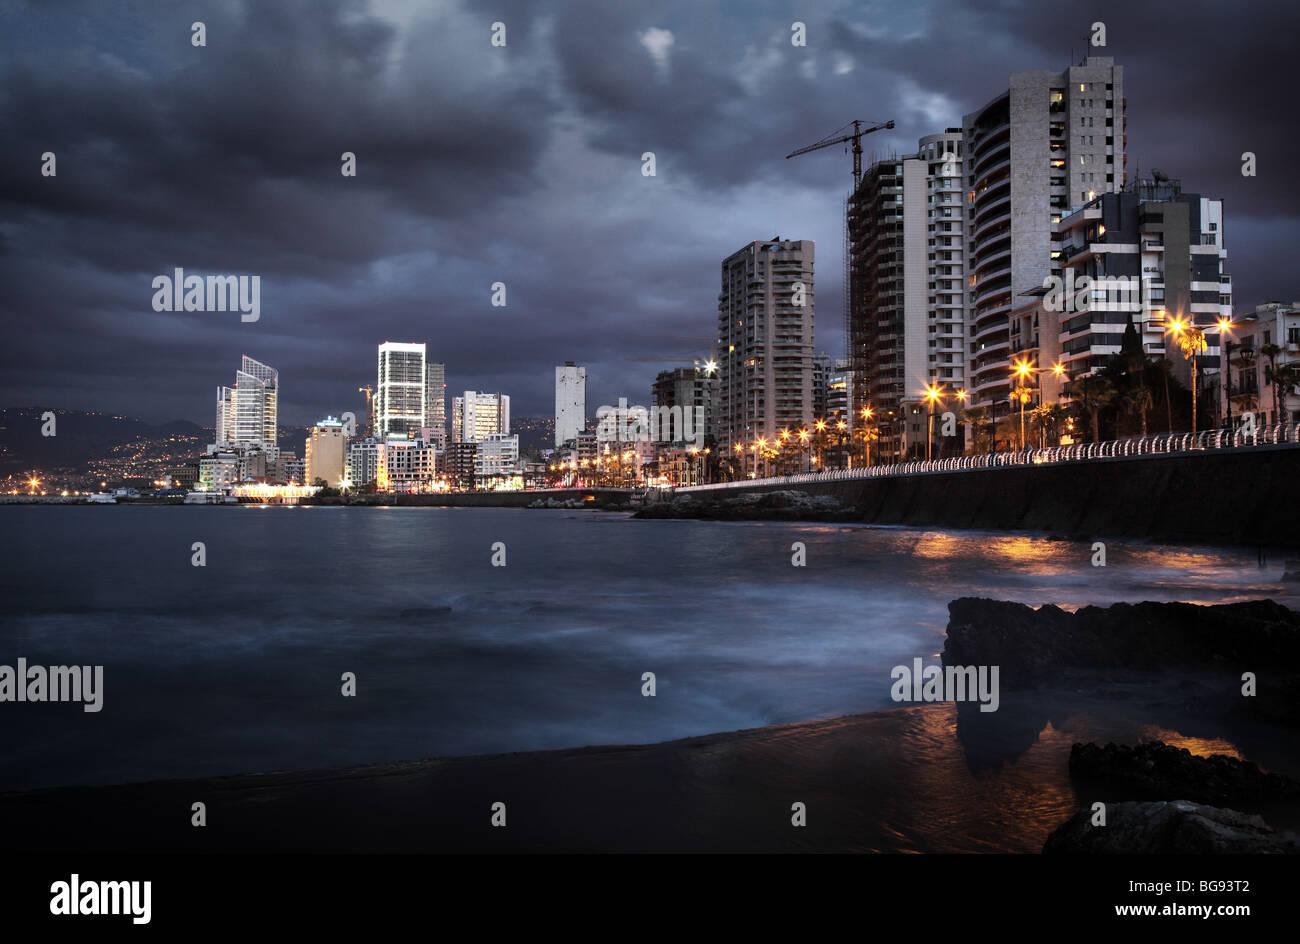 Corniche Beirut Libano araba in Medio Oriente libanesi Immagini Stock